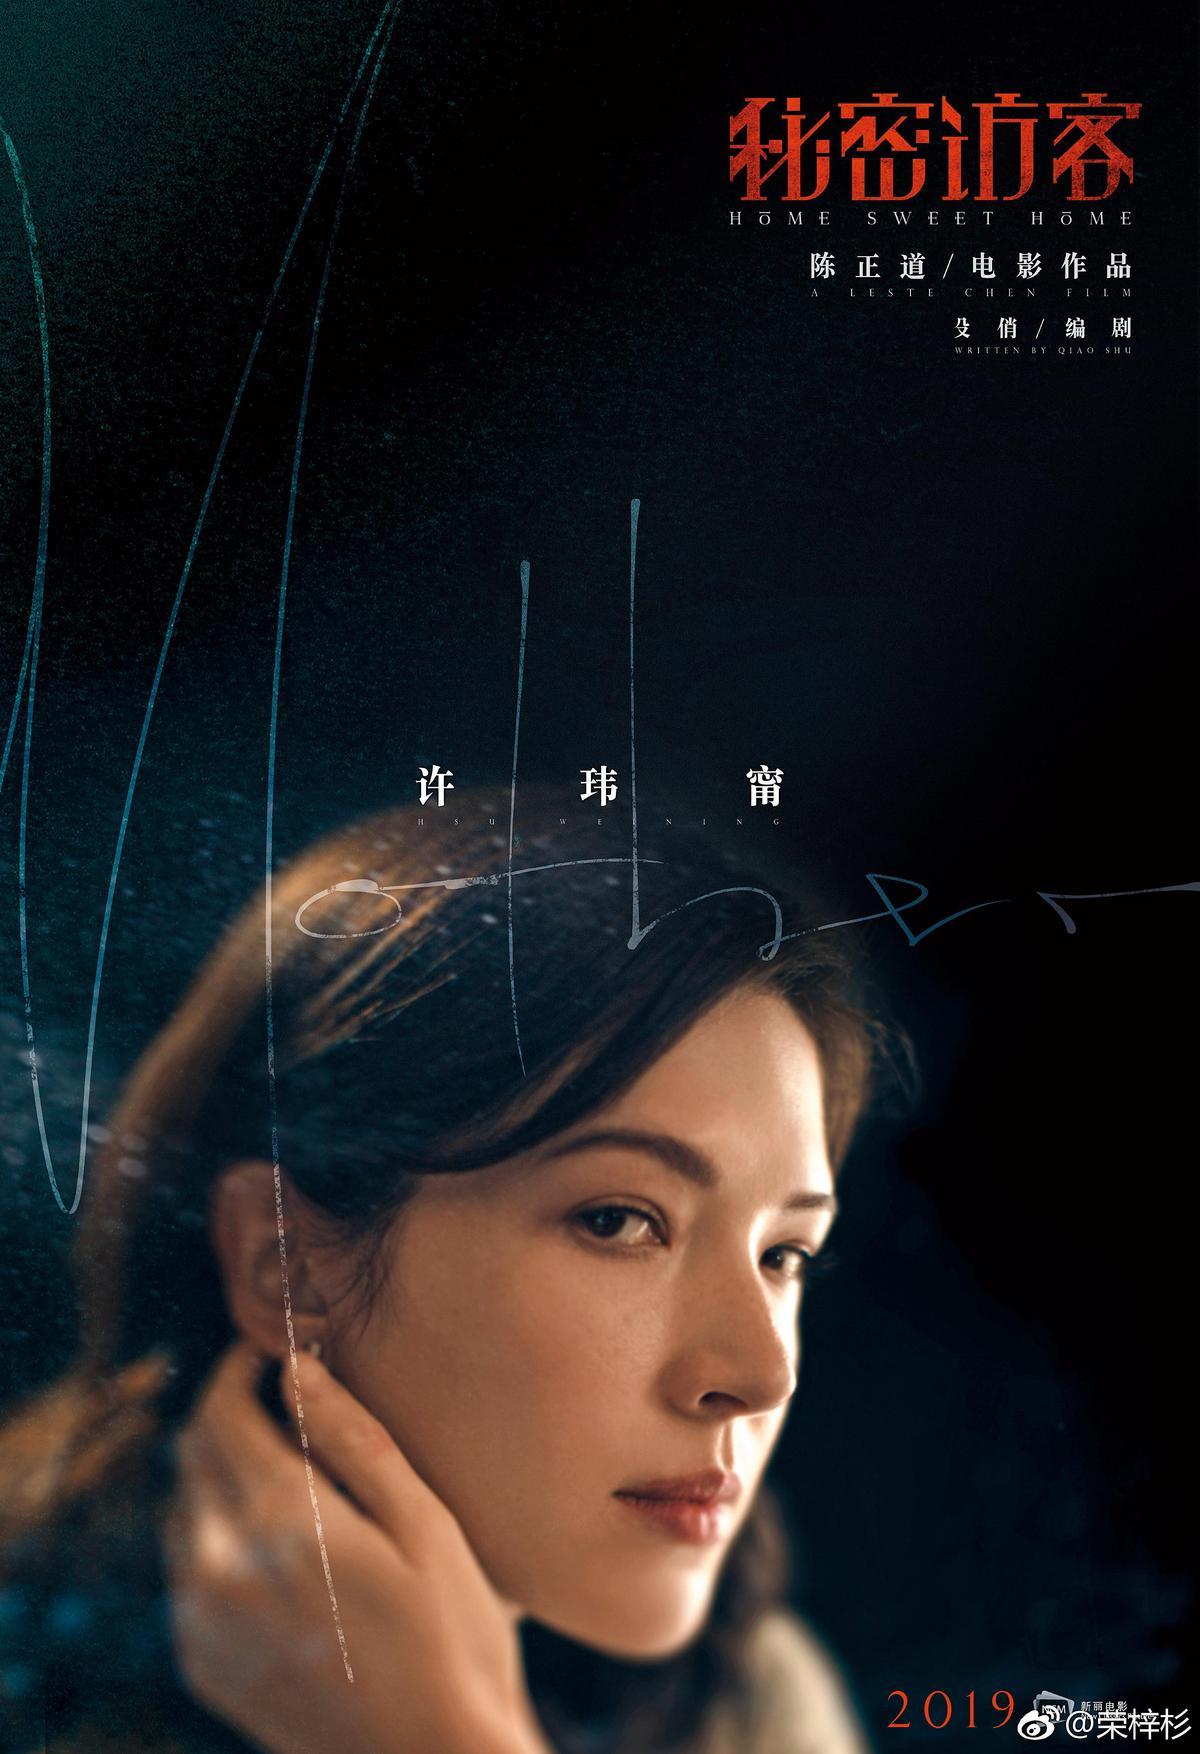 許瑋甯跟郭富城合作的電影新作《秘密訪客》由陳正道執導,她簽給陳國富後,對岸演出機會愈來愈多。